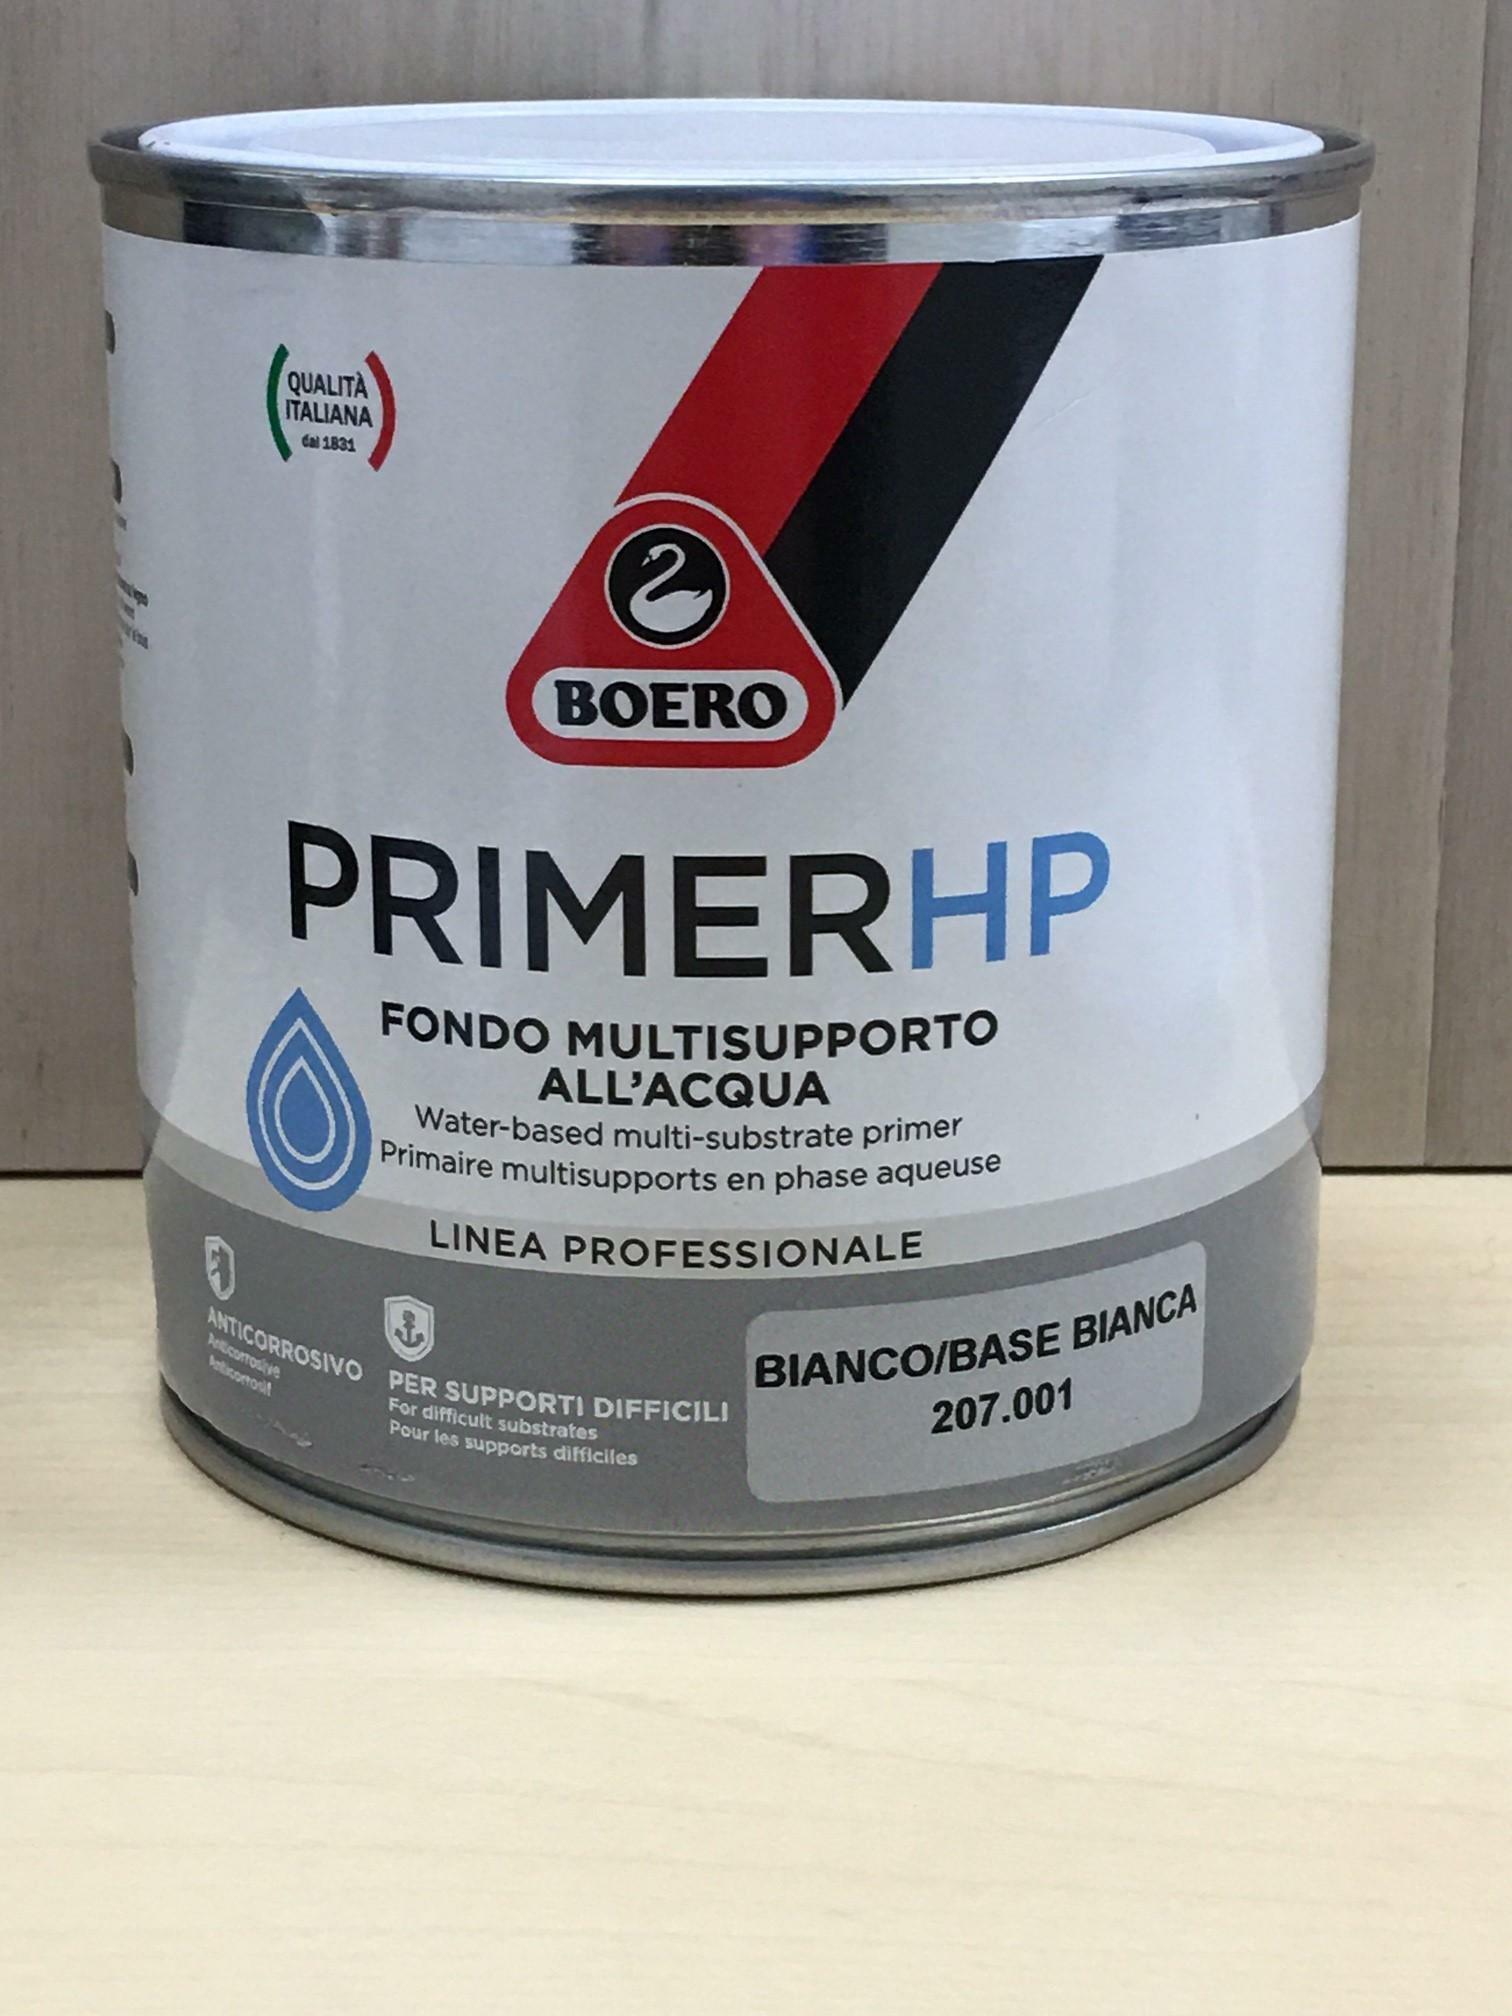 boero primer hp bianco 0,50 lt fondo multi supporto all'acqua per smalti all'acqua